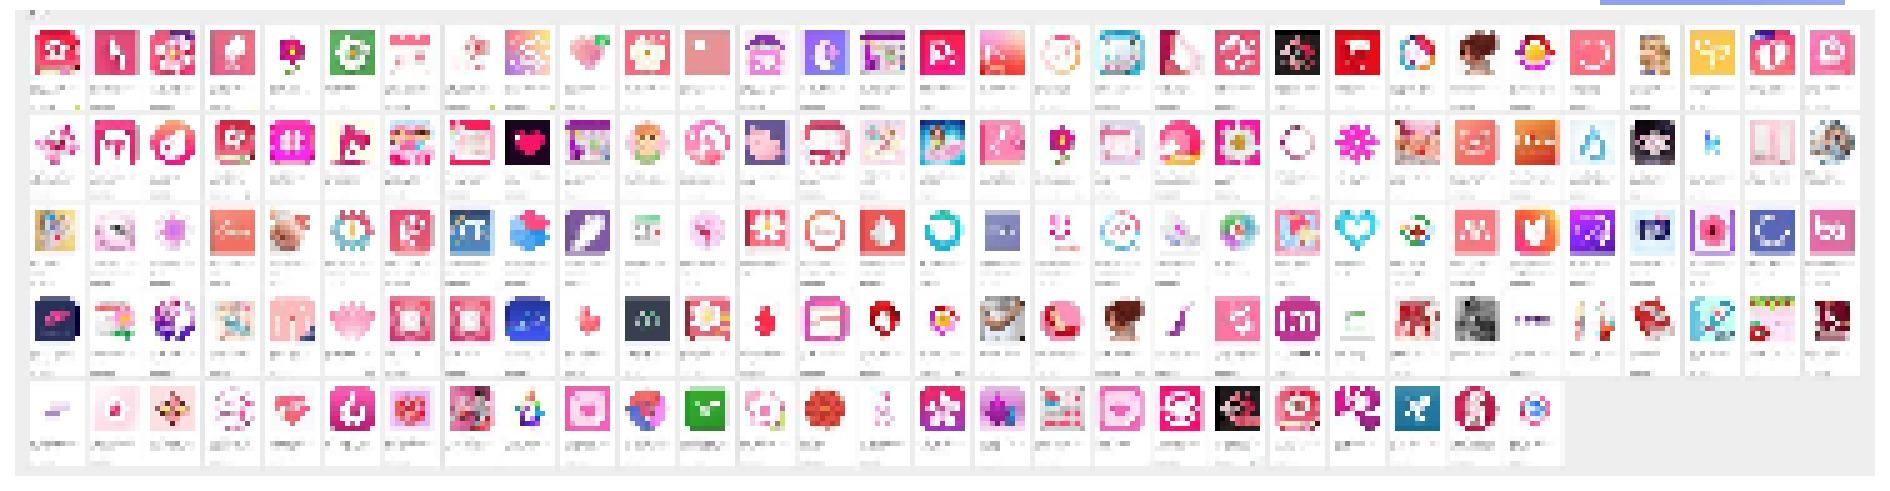 pixelated screen cap of pink menstruation apps